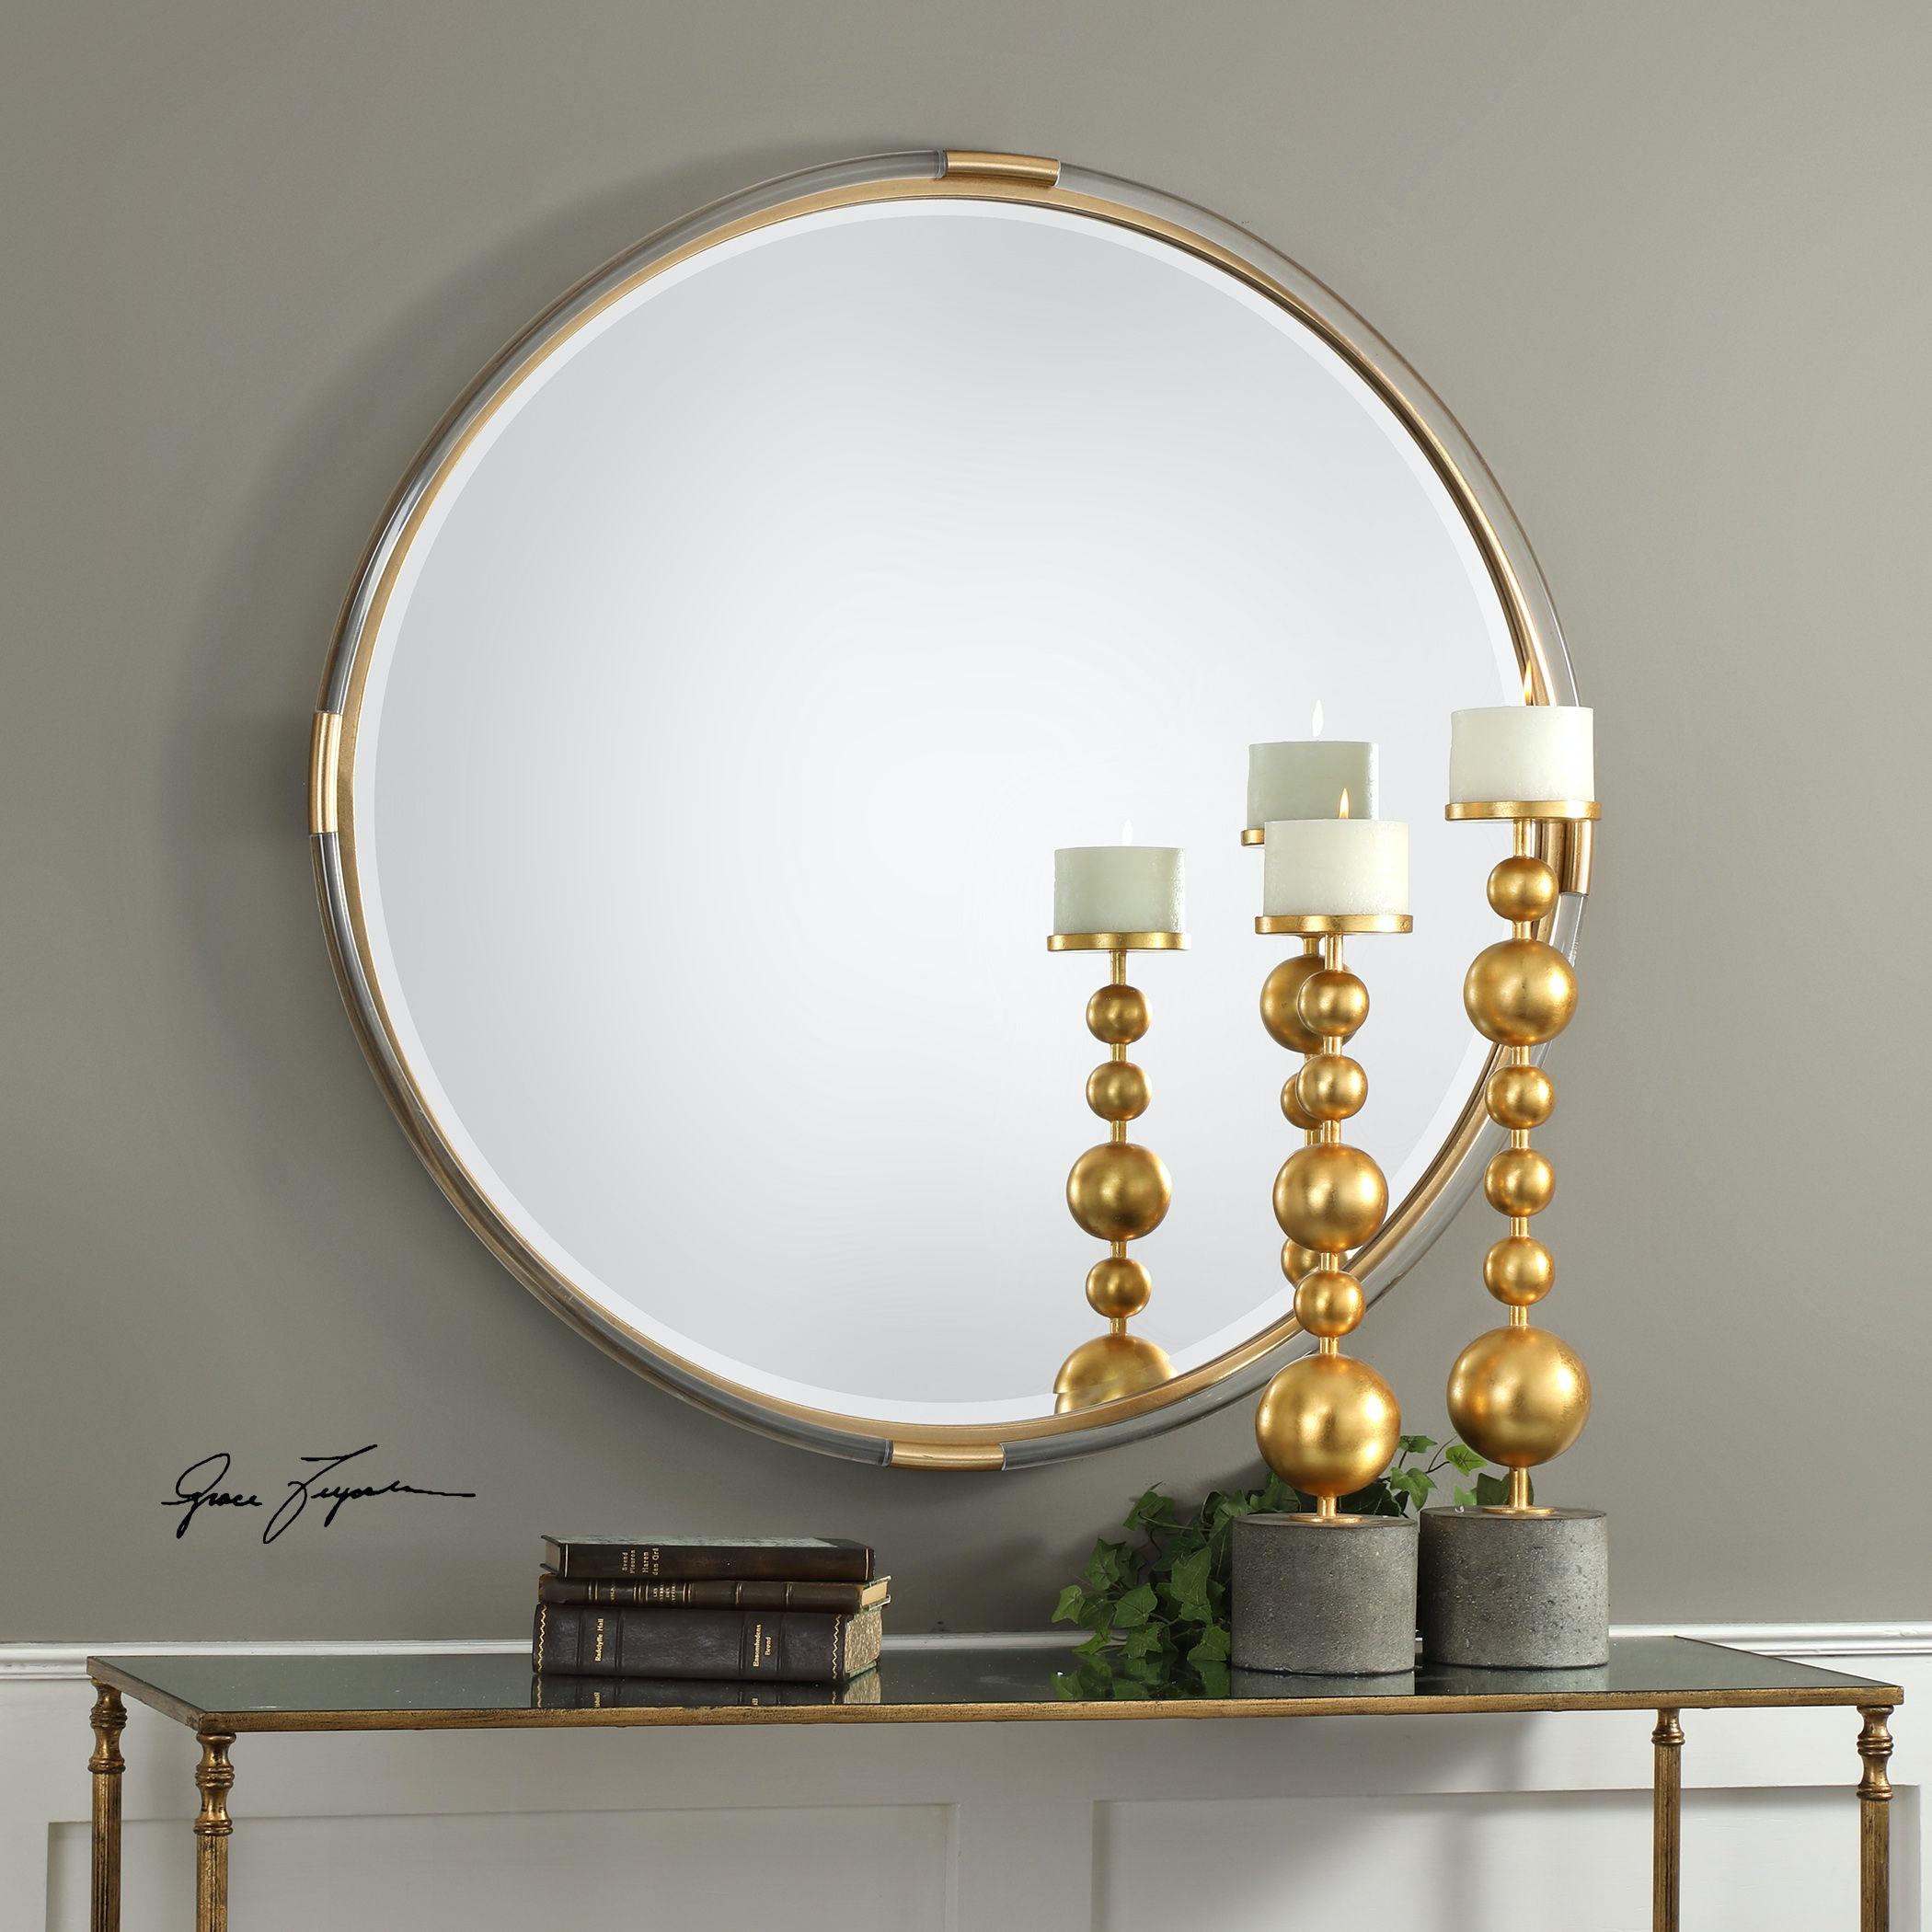 uttermost mackai round gold mirror 09333 uttermost accessories mackai round gold mirror 09333   carol house      rh   carolhouse